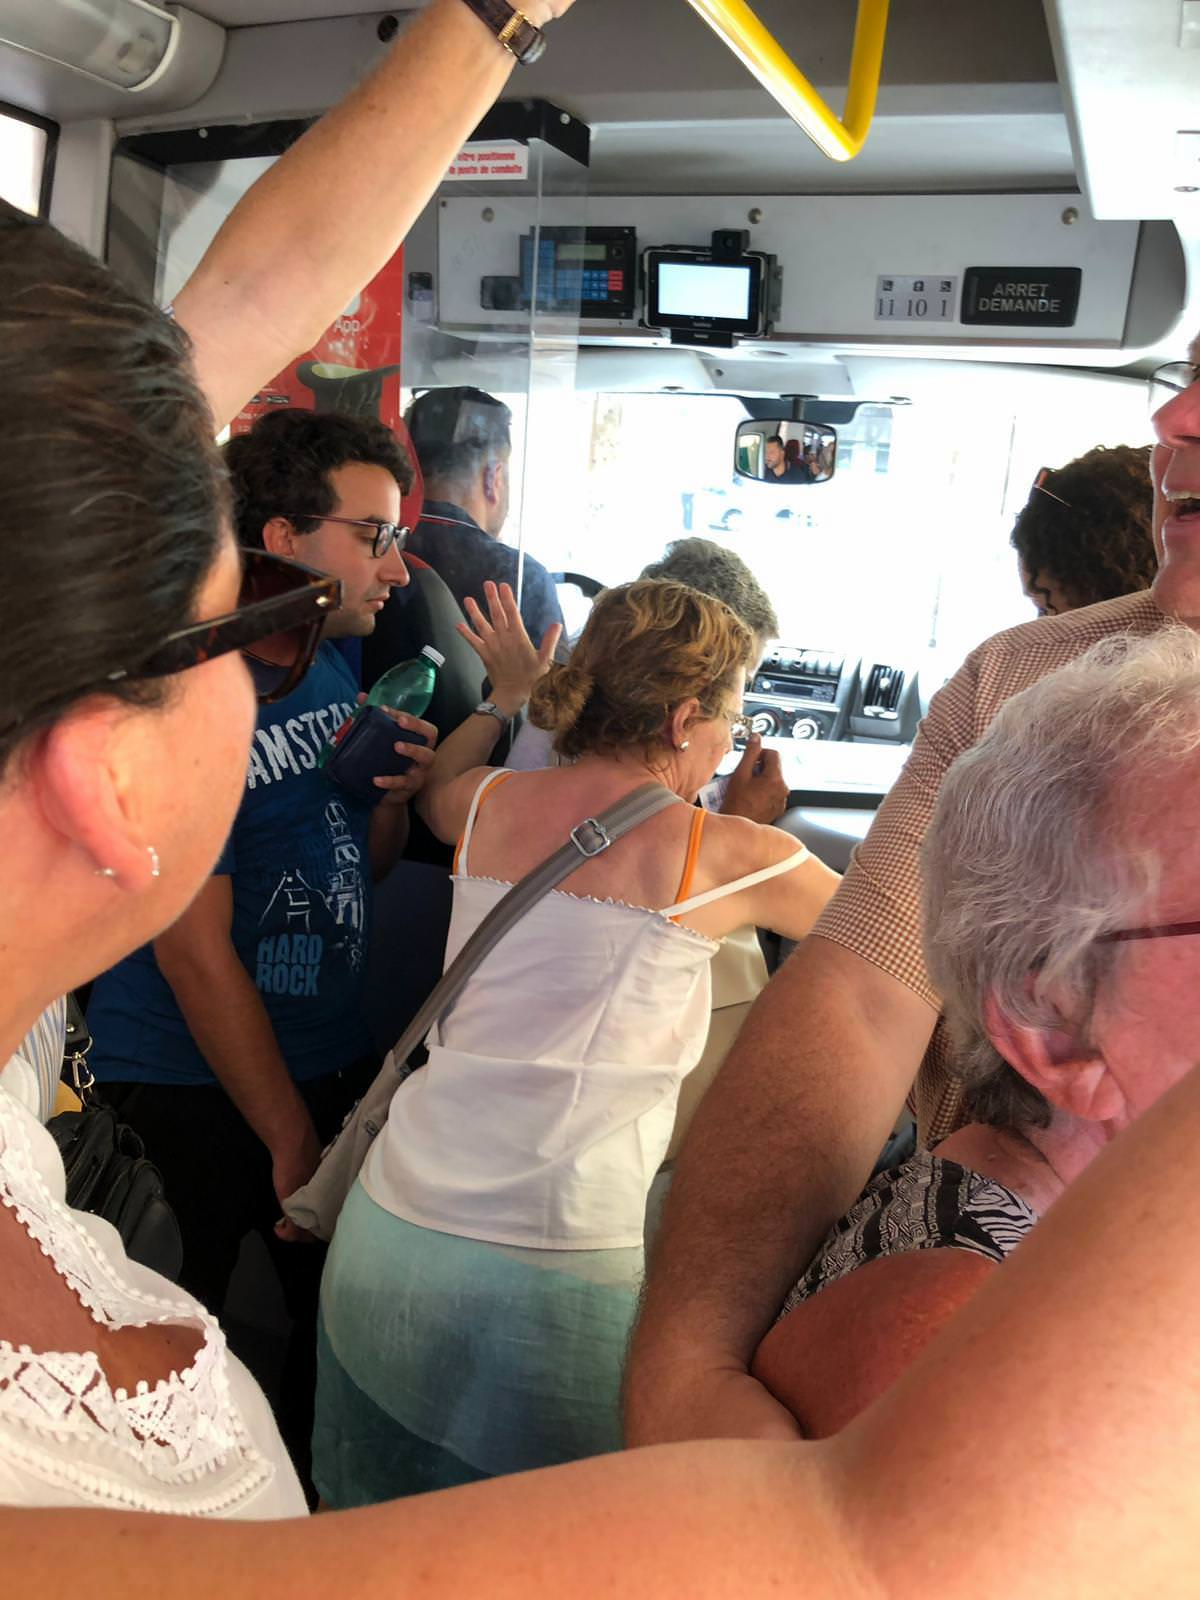 Abenteuer Busfahrt: Klammergriff und Hautkontakt (Foto: Uwe Krist)